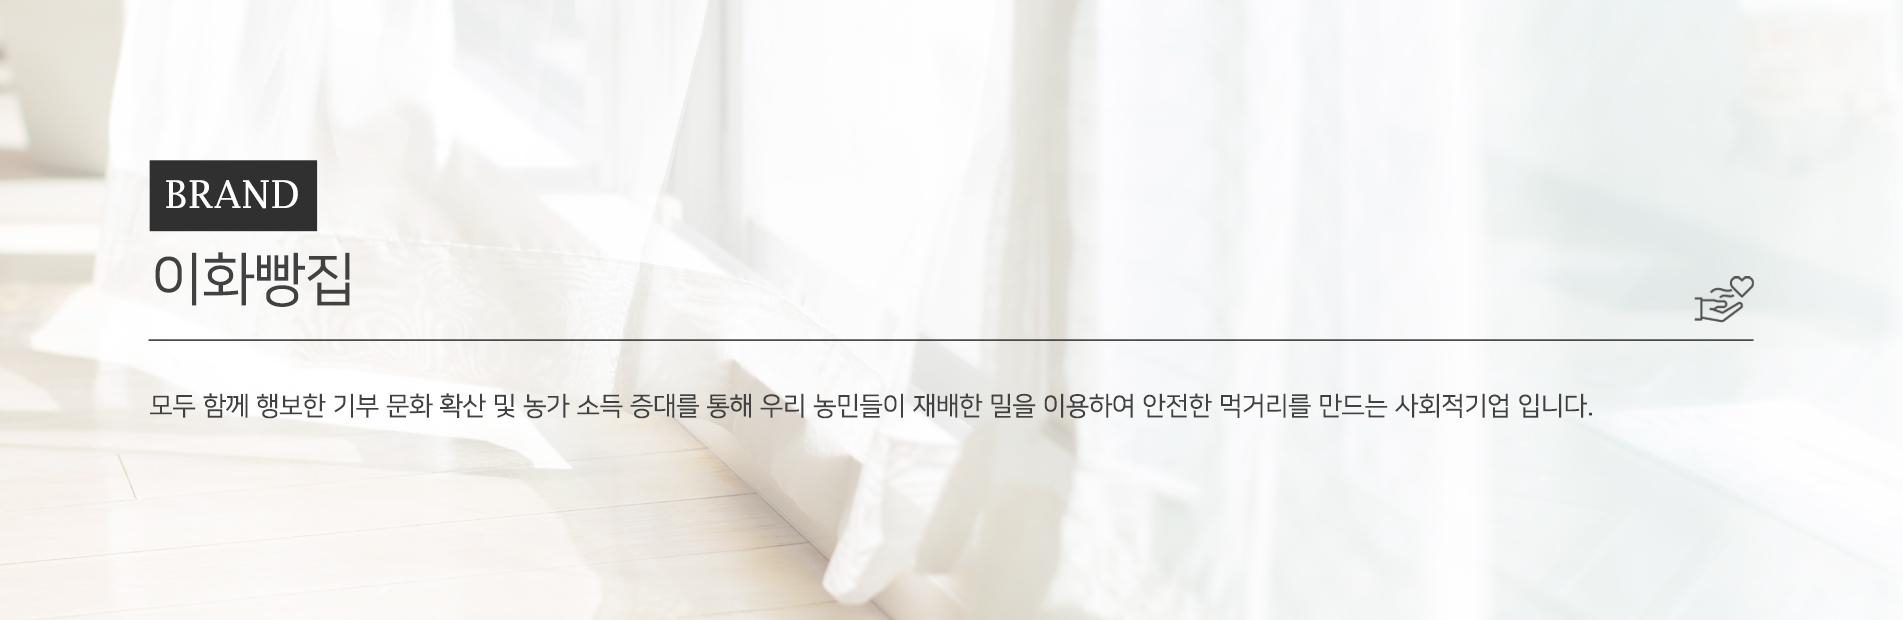 30밀리스토어 소셜가 이화빵집 소개